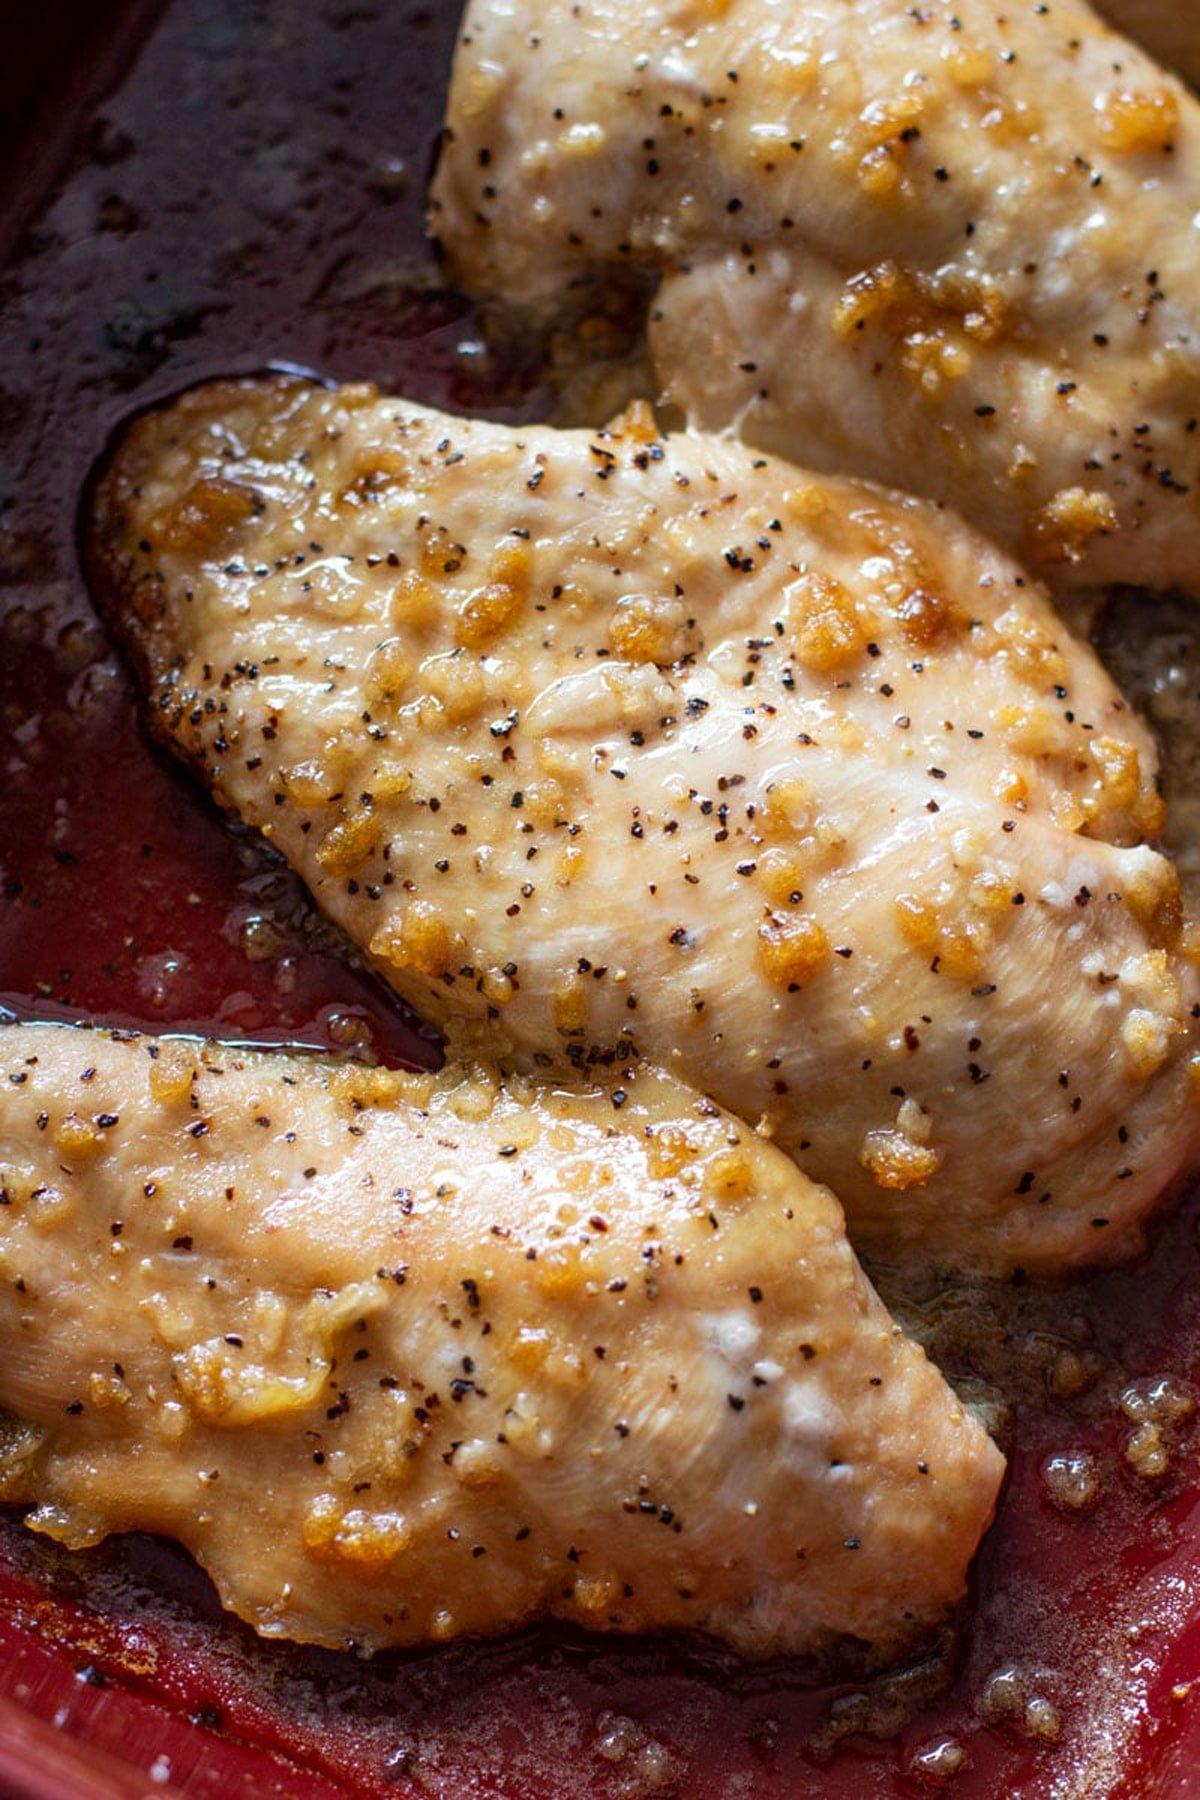 Baked Brown Sugar Garlic Chicken in an oven dish.